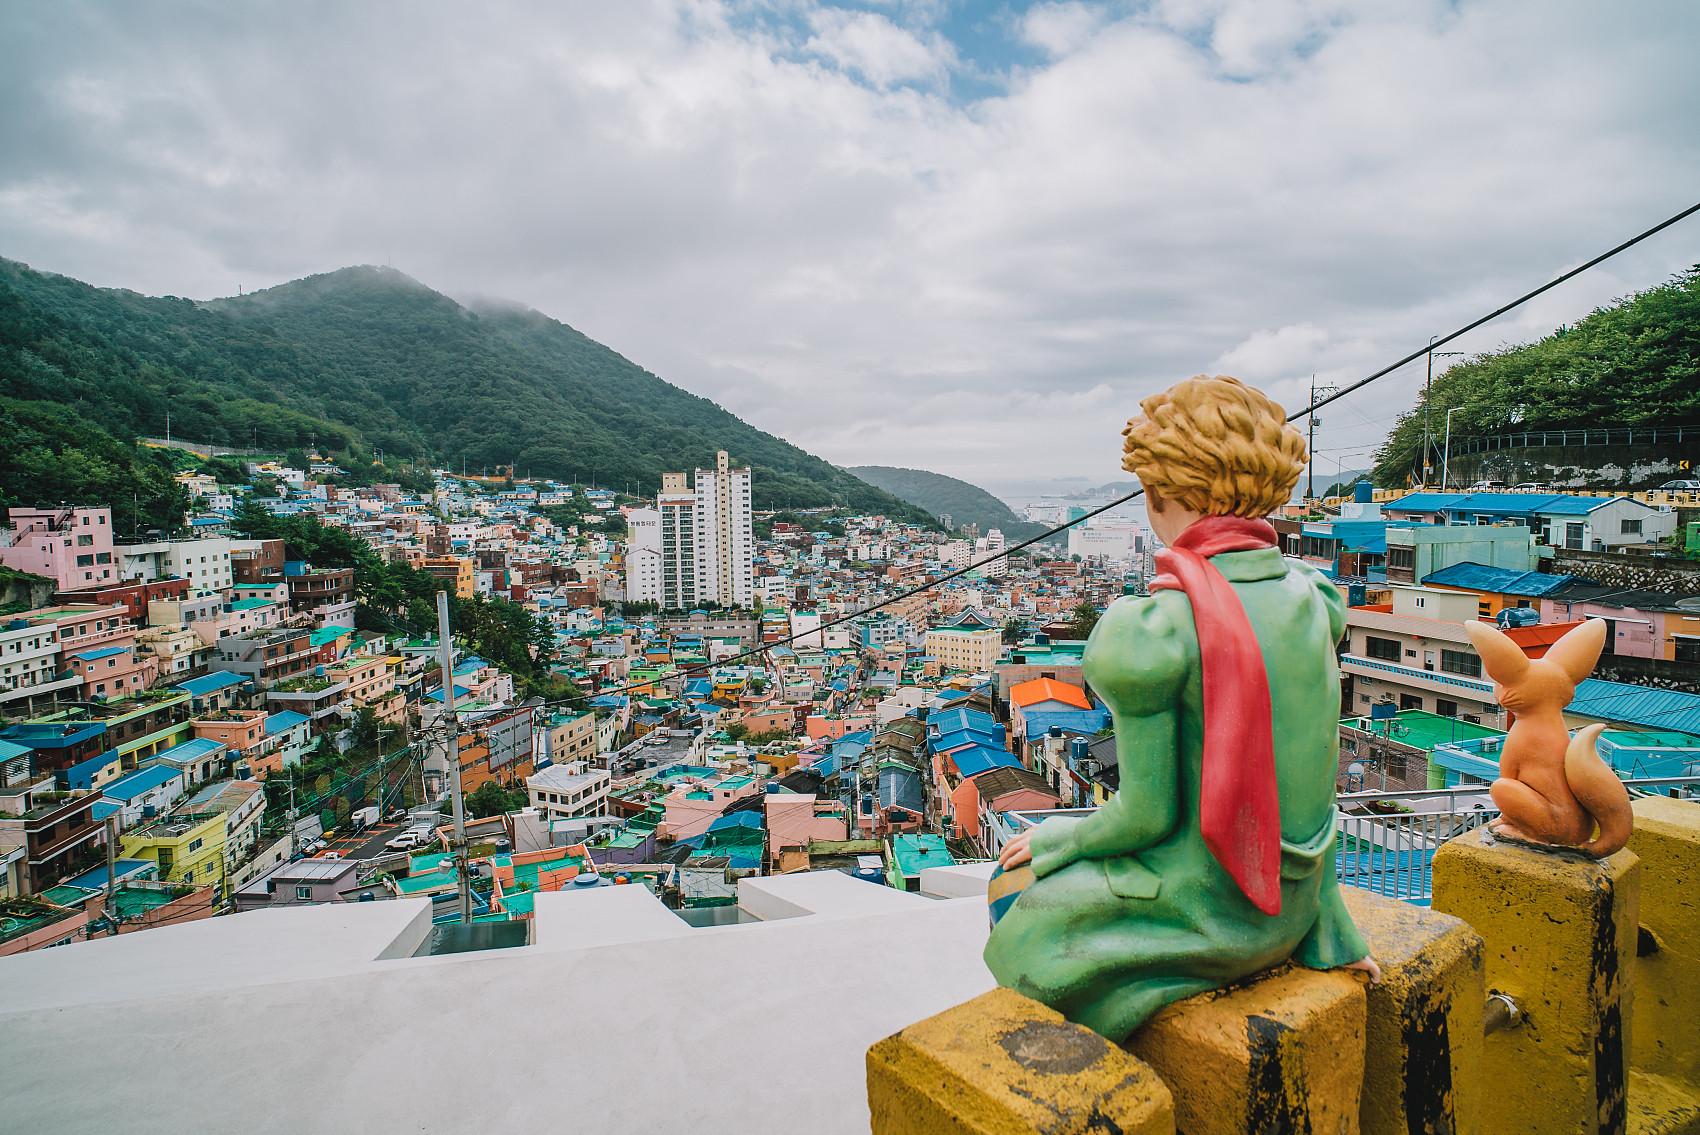 ▲▼釜山市甘川洞文化村成為知名觀光景點,卻無法改善居民生活。(圖/CFP)